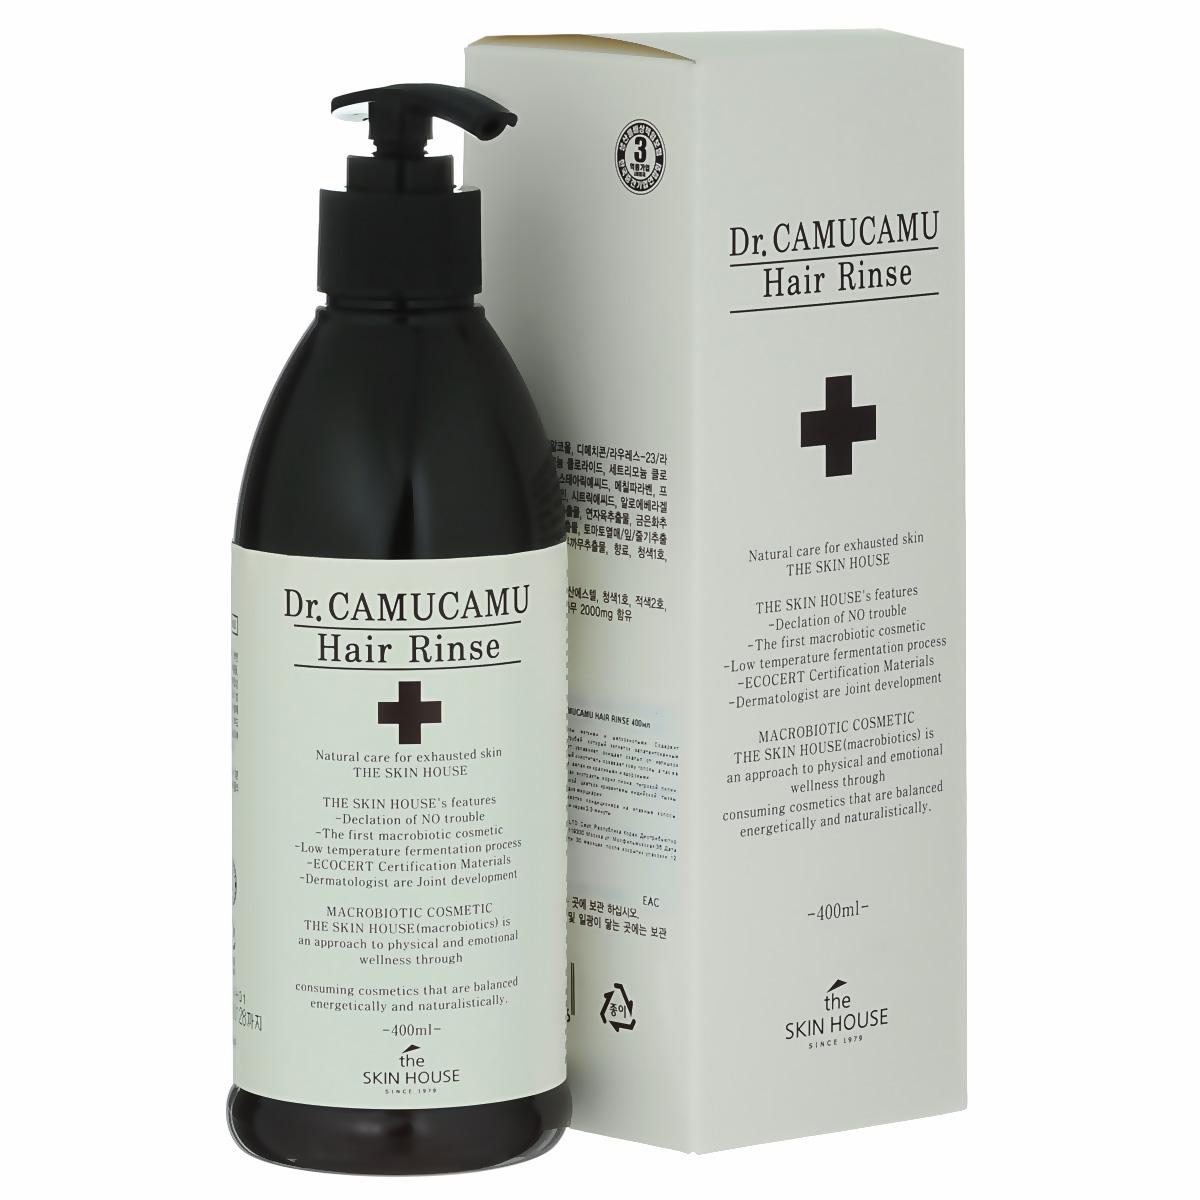 The Skin House Лечебный бальзам для волос DR. Camucamu hair rinse, 400 млУТ000001221Кондиционер для волос делает волосы мягкими и шелковистыми. Содержит ферментированный экстракт рисовых отрубей, который является запатентованным компонентом TheSkinHouse. Этот экстракт увлажняет, очищает скальп от излишков себума и контролирует перхоть. Натуральный очиститель освежает кожу головы, а так же питает волосы от корней до самых кончиков, делая их красивыми и здоровыми. Содержит комплекс ингредиентов: экстракт корня пиона, тигровой лилии, цветков лотоса, цветков жимолости японской, цветков хризантемы индийской, тыквы, листьев алоэ барбаденсис, ягод асаи и плодов мирциарии.